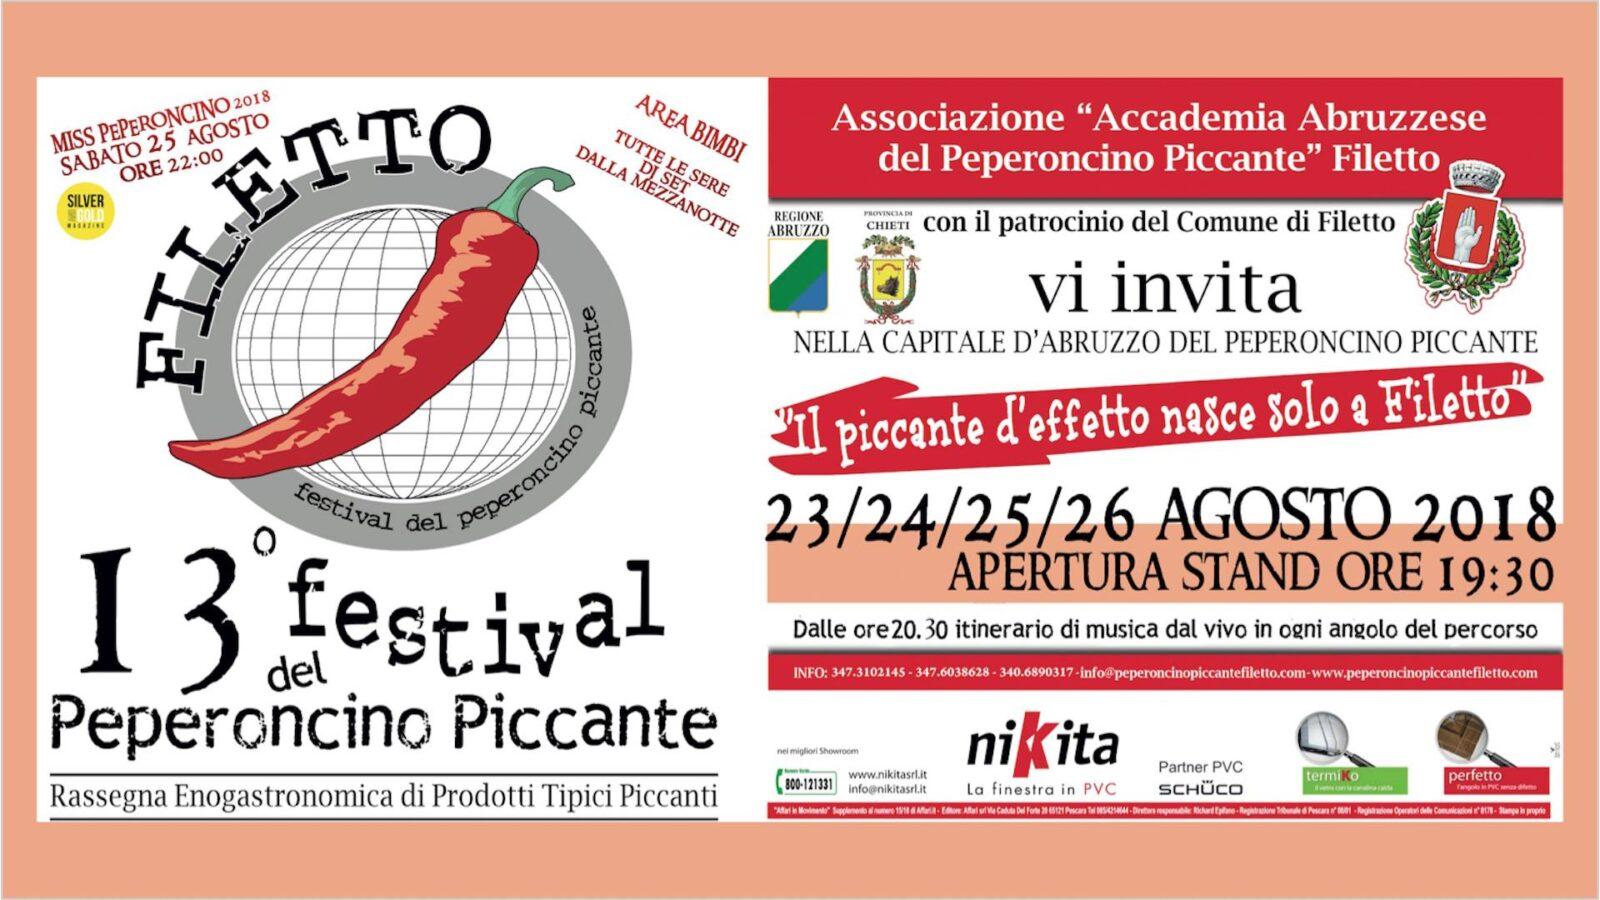 Sagre in Abruzzo. Festival del Peperoncino Piccante 2018 a Filetto